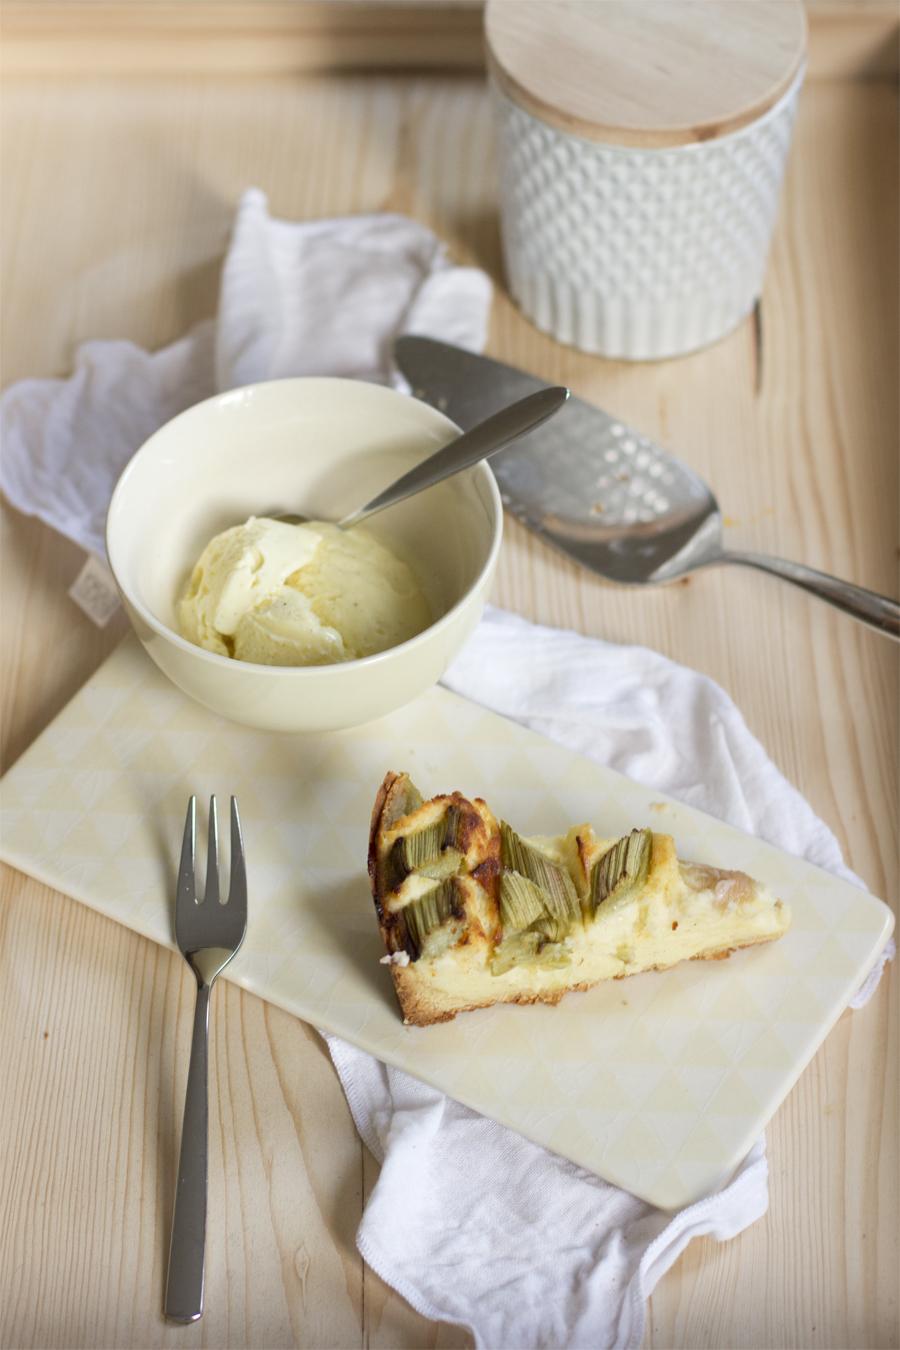 Rhubarb cream cheese cake recipe | LOOK WHAT I MADE ...